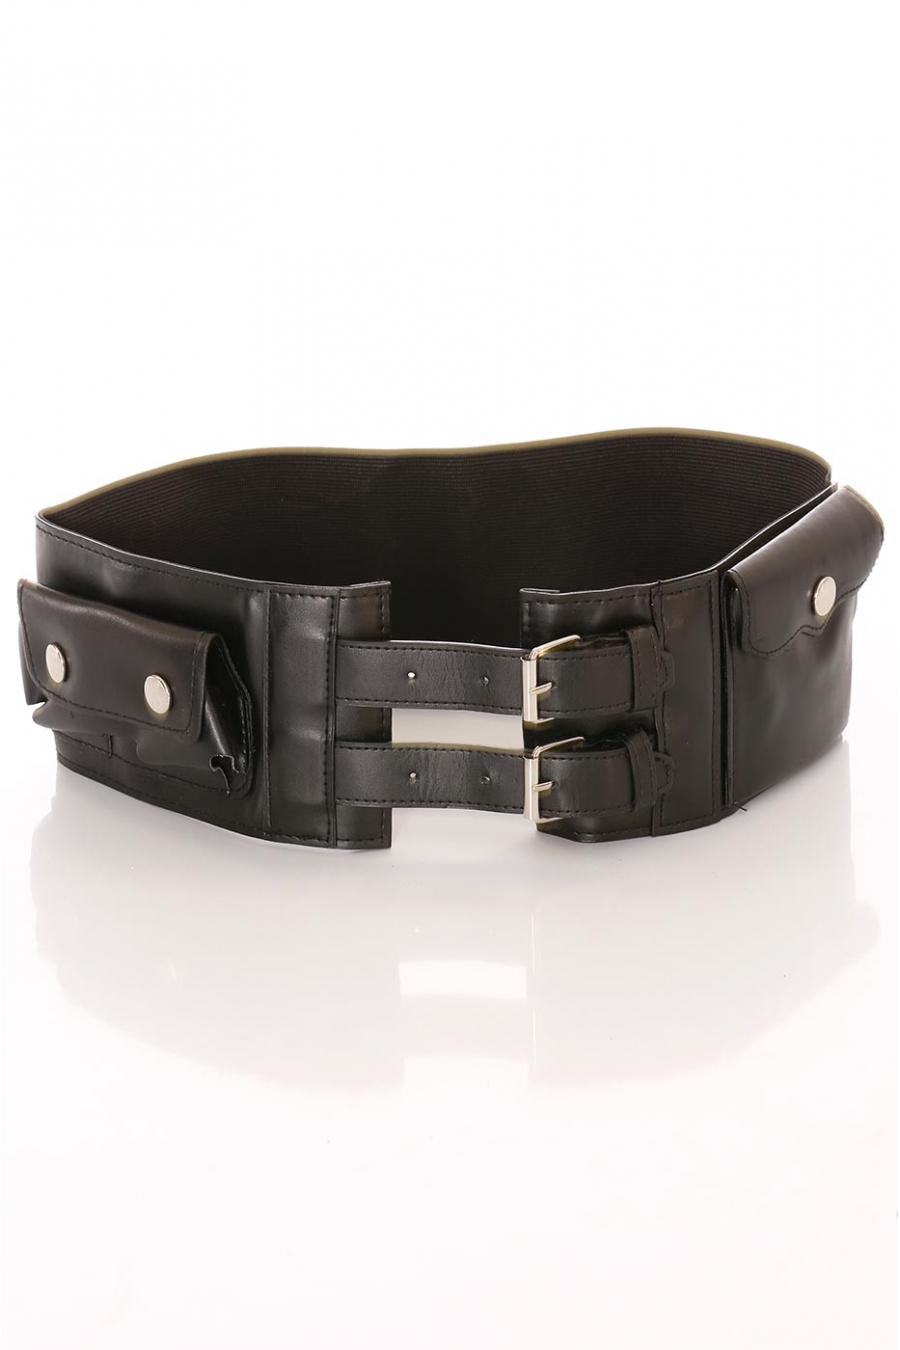 Brede zwarte riem, dubbele gesp en accessoirevakjes. D7235